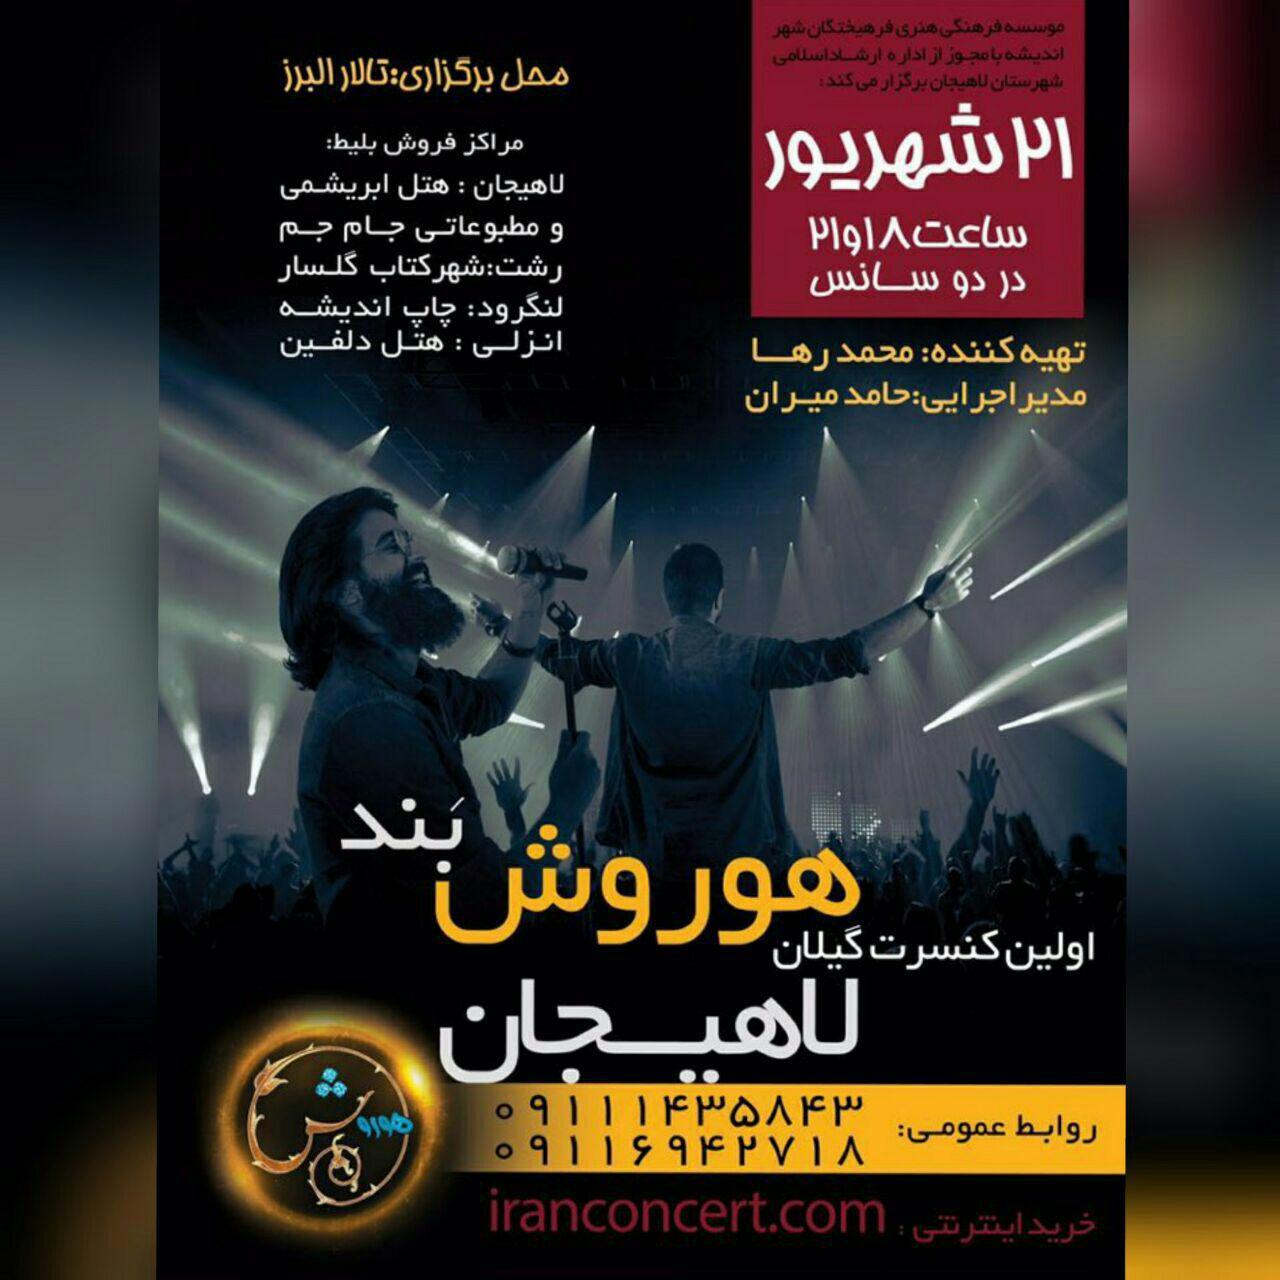 کنسرت هوروش بند در لاهیجان